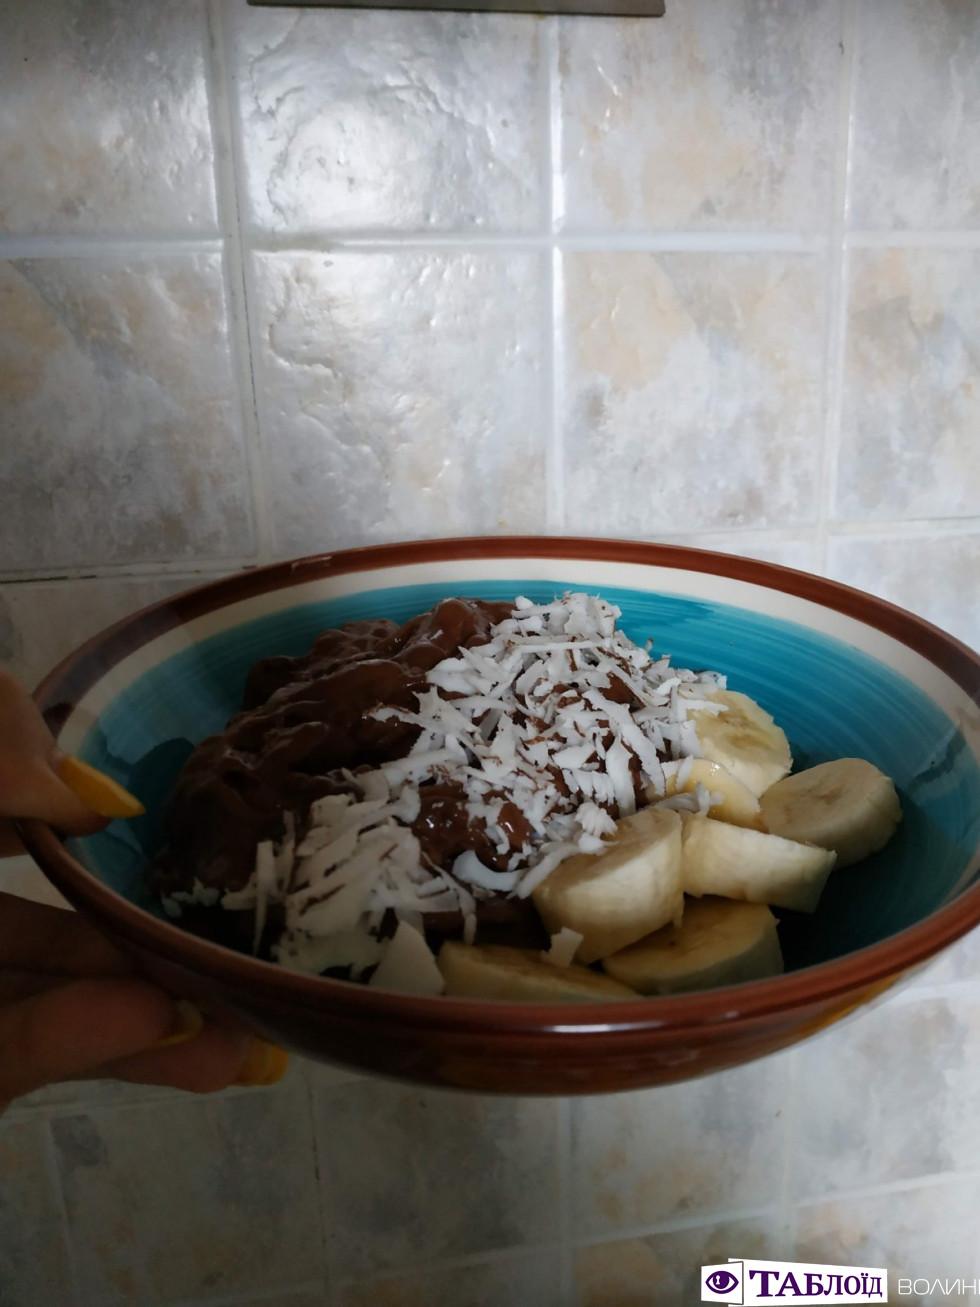 Смачний таблоїдний лайфхак: корисне морозиво з одного інгредієнта. ФОТО